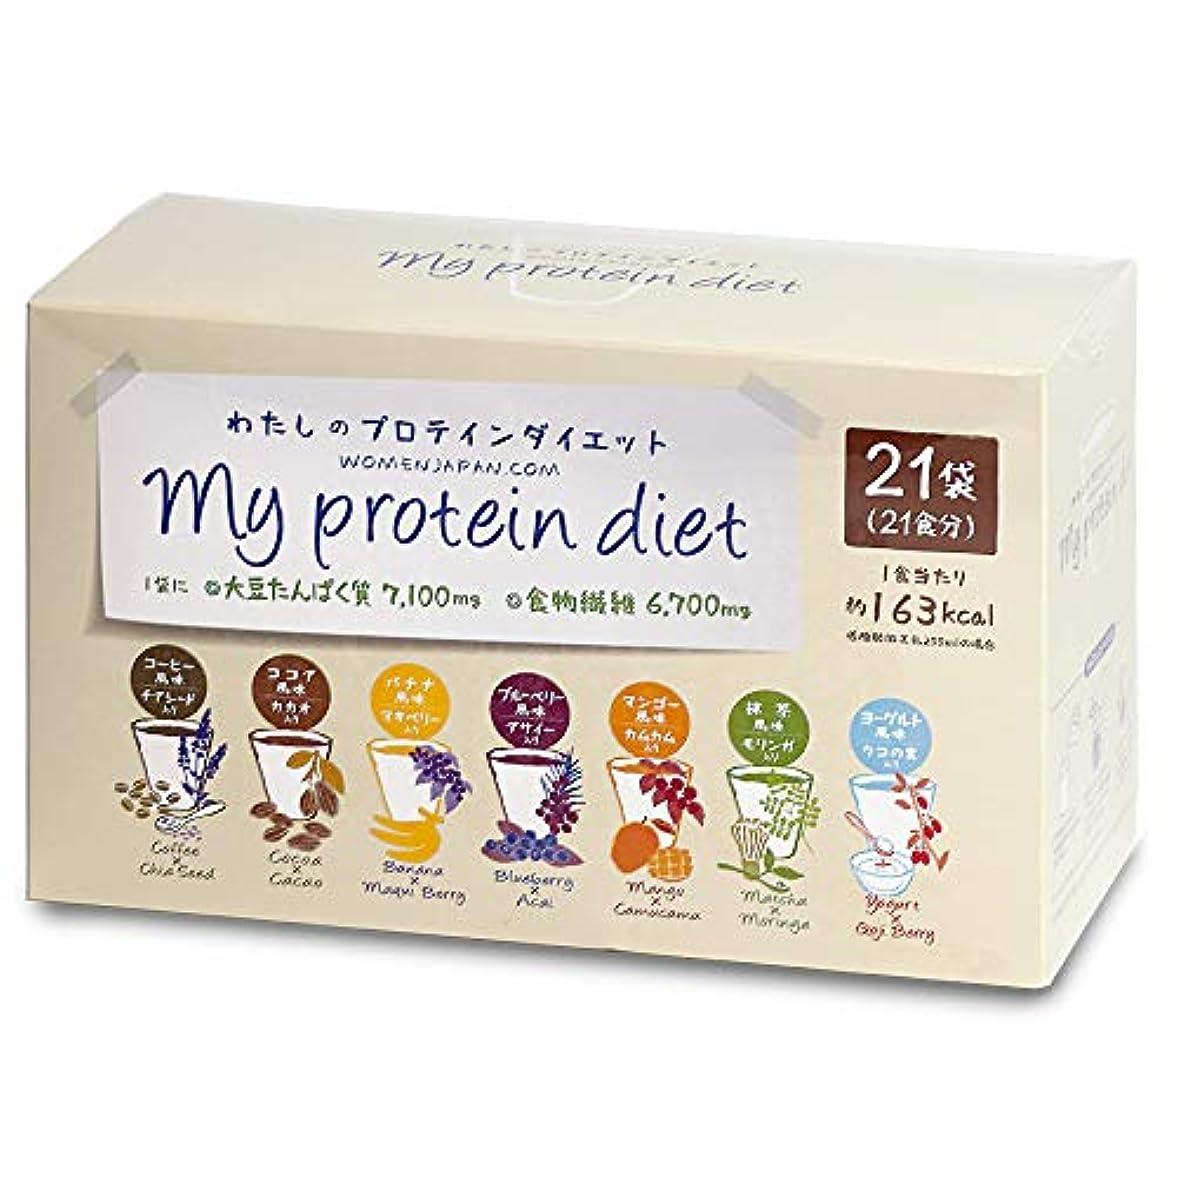 ラビリンス急行するモッキンバードわたしのプロテインダイエット 21食セット 1食置き換えダイエットシェイク 低糖質